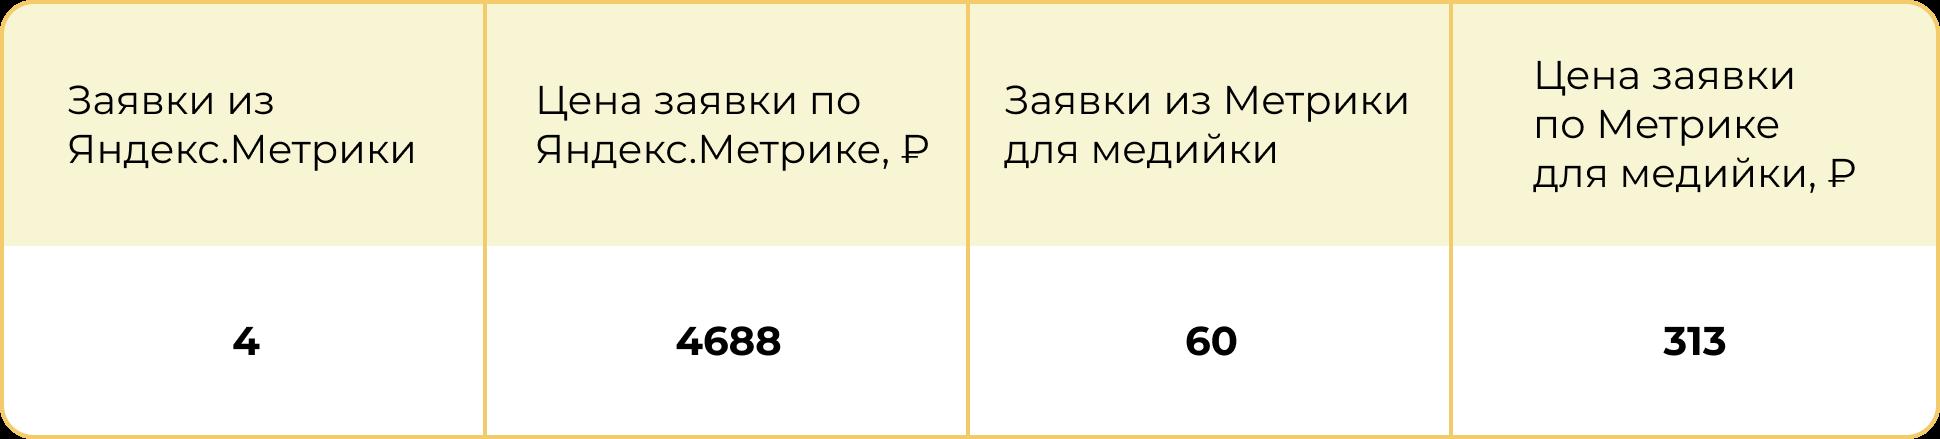 Кейс строительной компании об использовании Яндекс Метрики для медийной рекламы - результаты